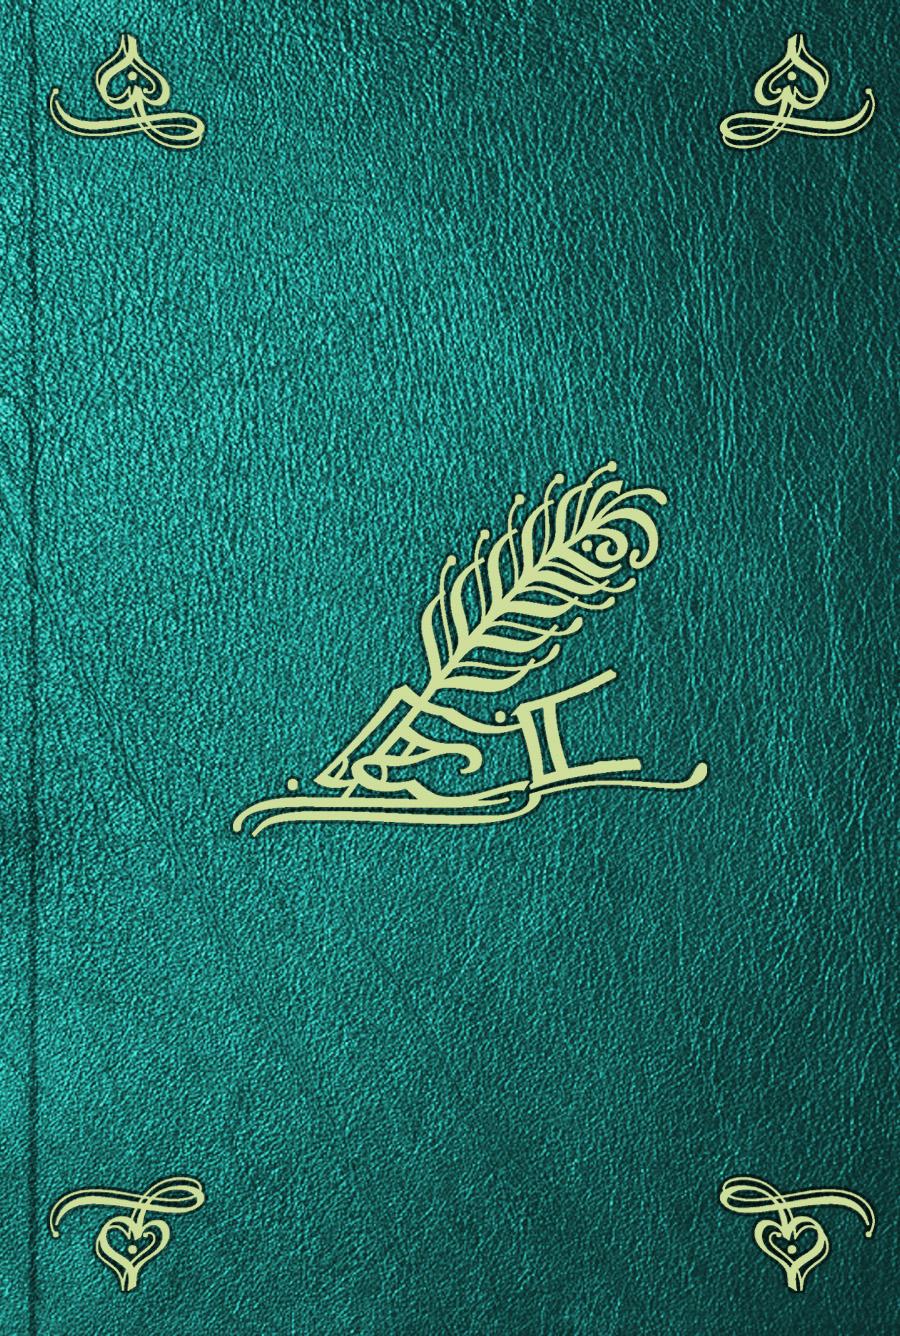 Philippe De Dangeau Memoires et journal du marquis de Dangeau. T. 2 thomas simon gueullette le tresor suppose comedie representee pour la premiere fois par les comediens italiens ordinaires du roi le septieme fevrier 1720 french edition